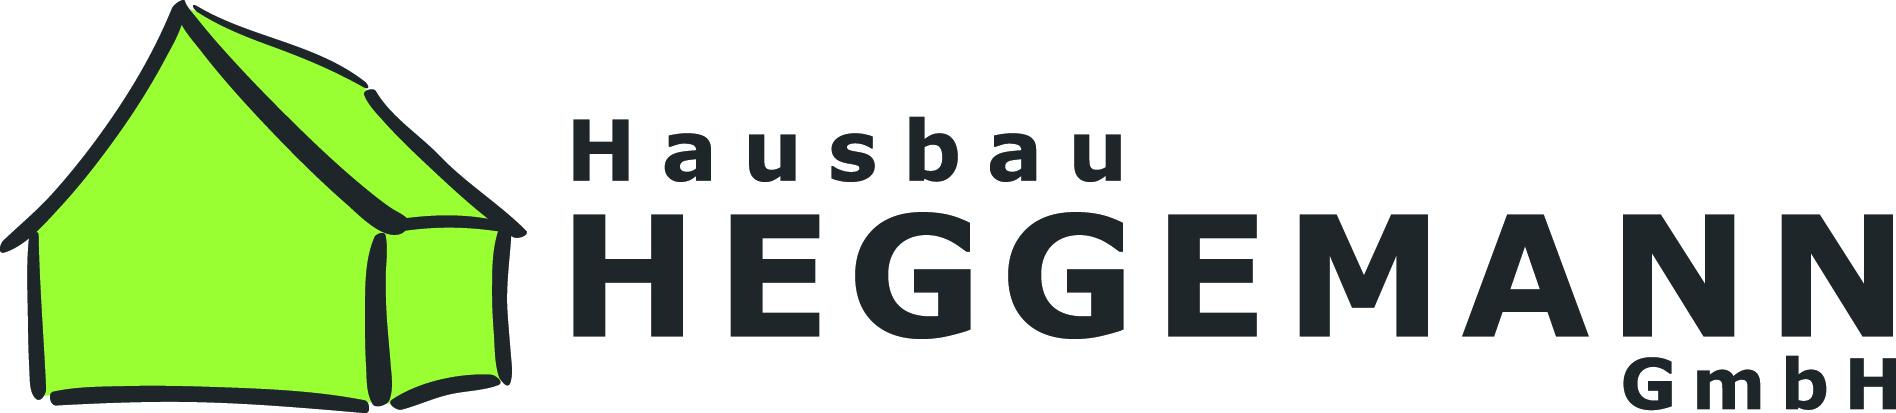 KBM08592_HAUSBAU_HEGGEMANN_Logomodifizierung_Var4.2.jpg